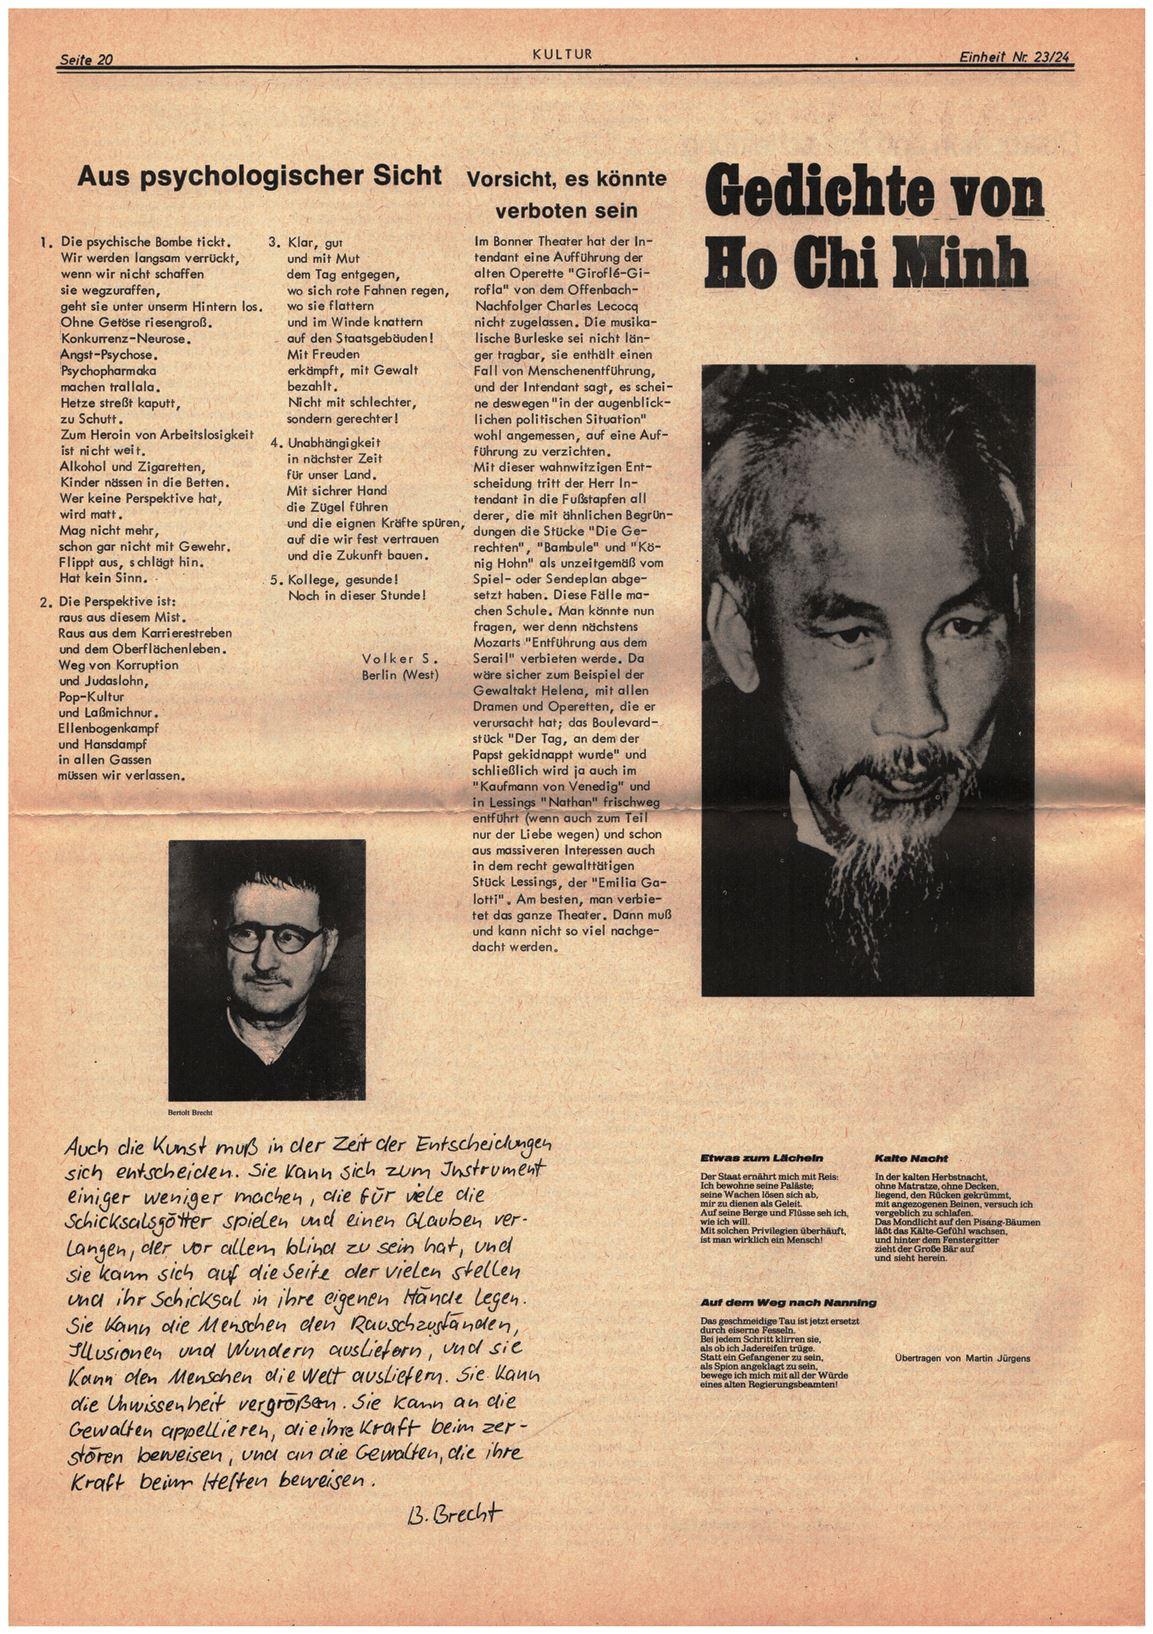 Koeln_IPdA_Einheit_1978_023_024_022